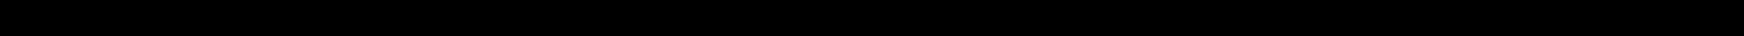 BelizioGreek-Medium.otf